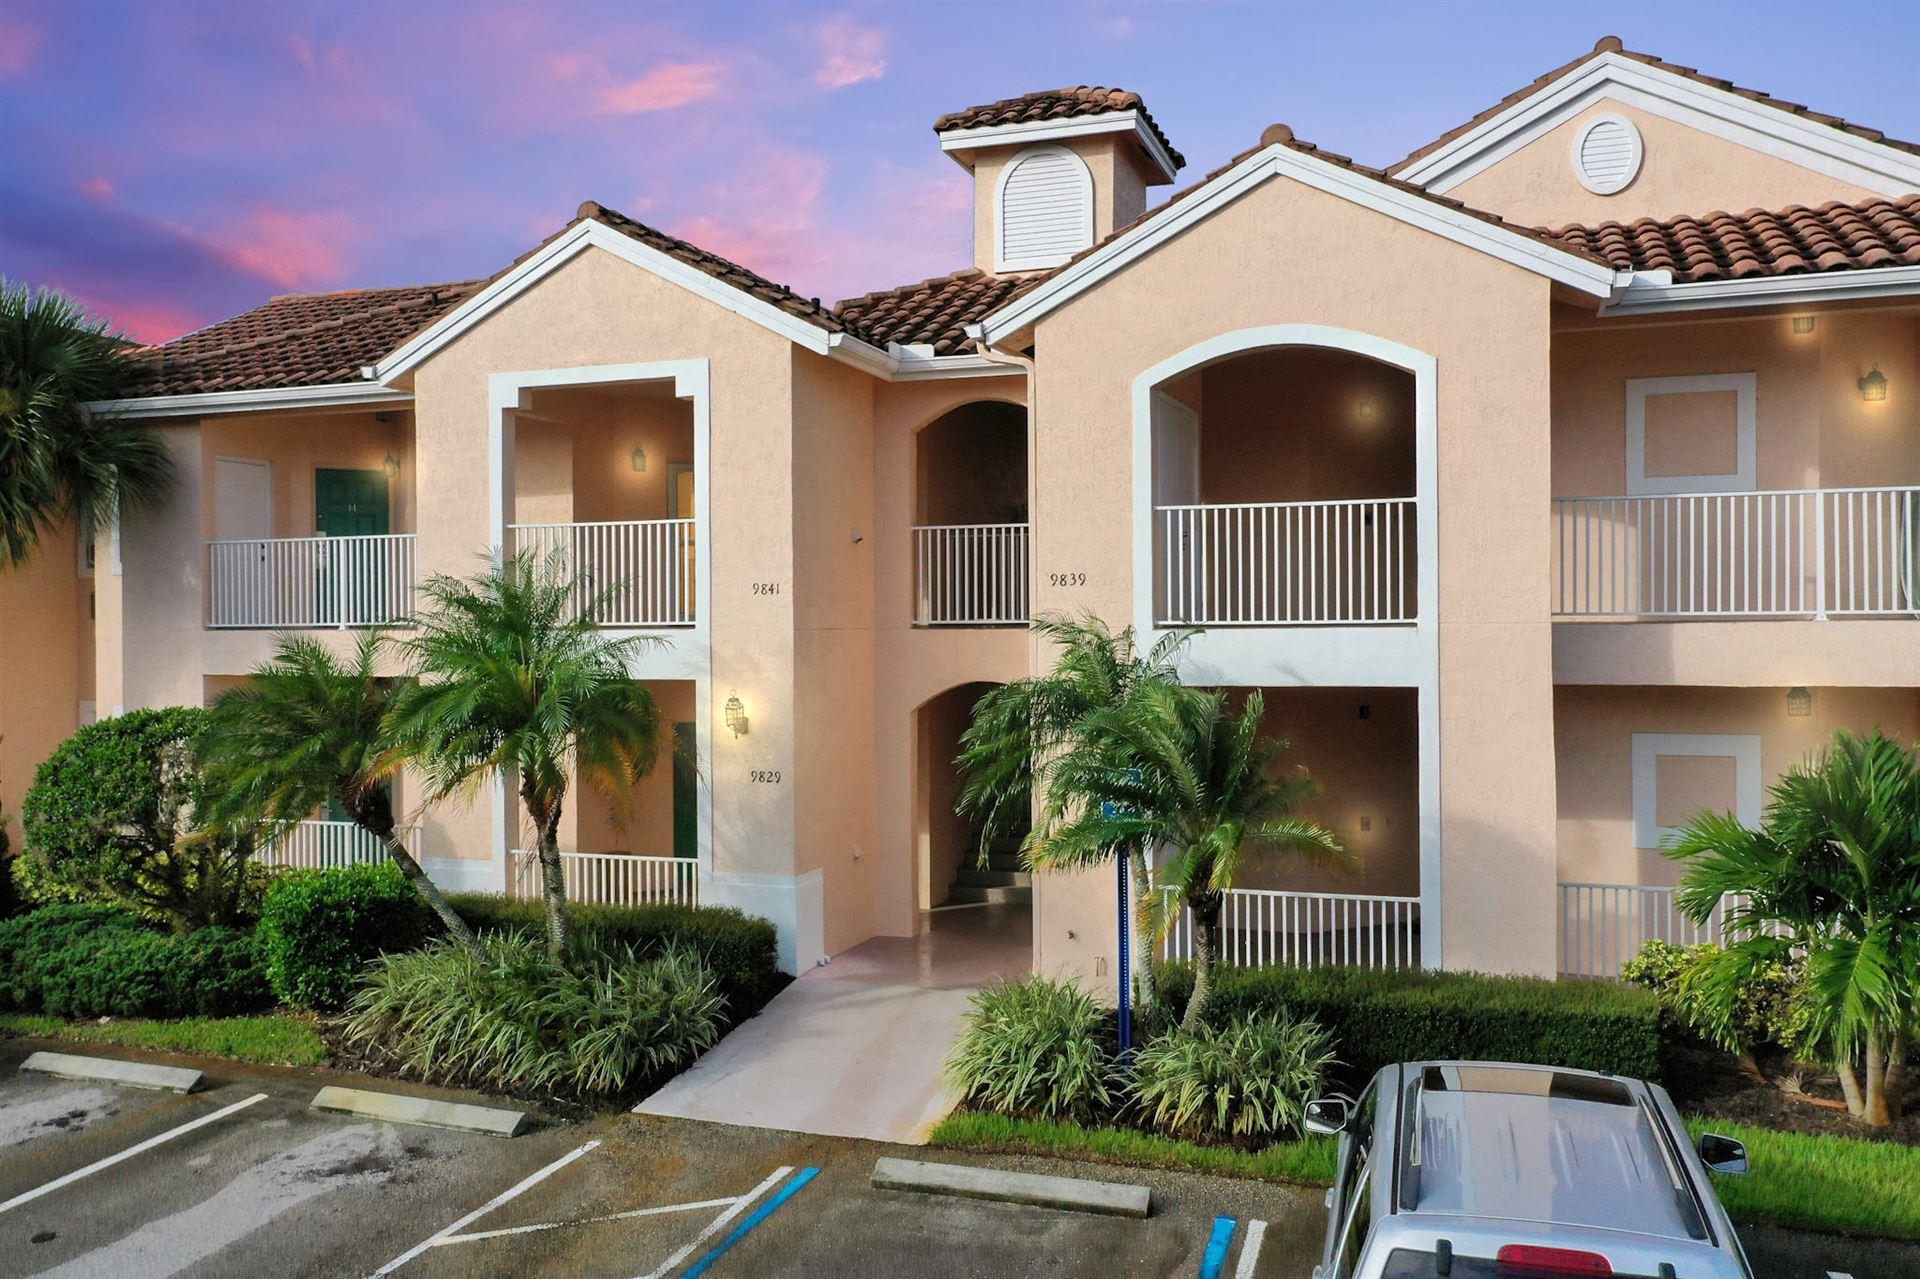 9841 Perfect Drive #174, Port Saint Lucie, FL 34986 - #: RX-10657797